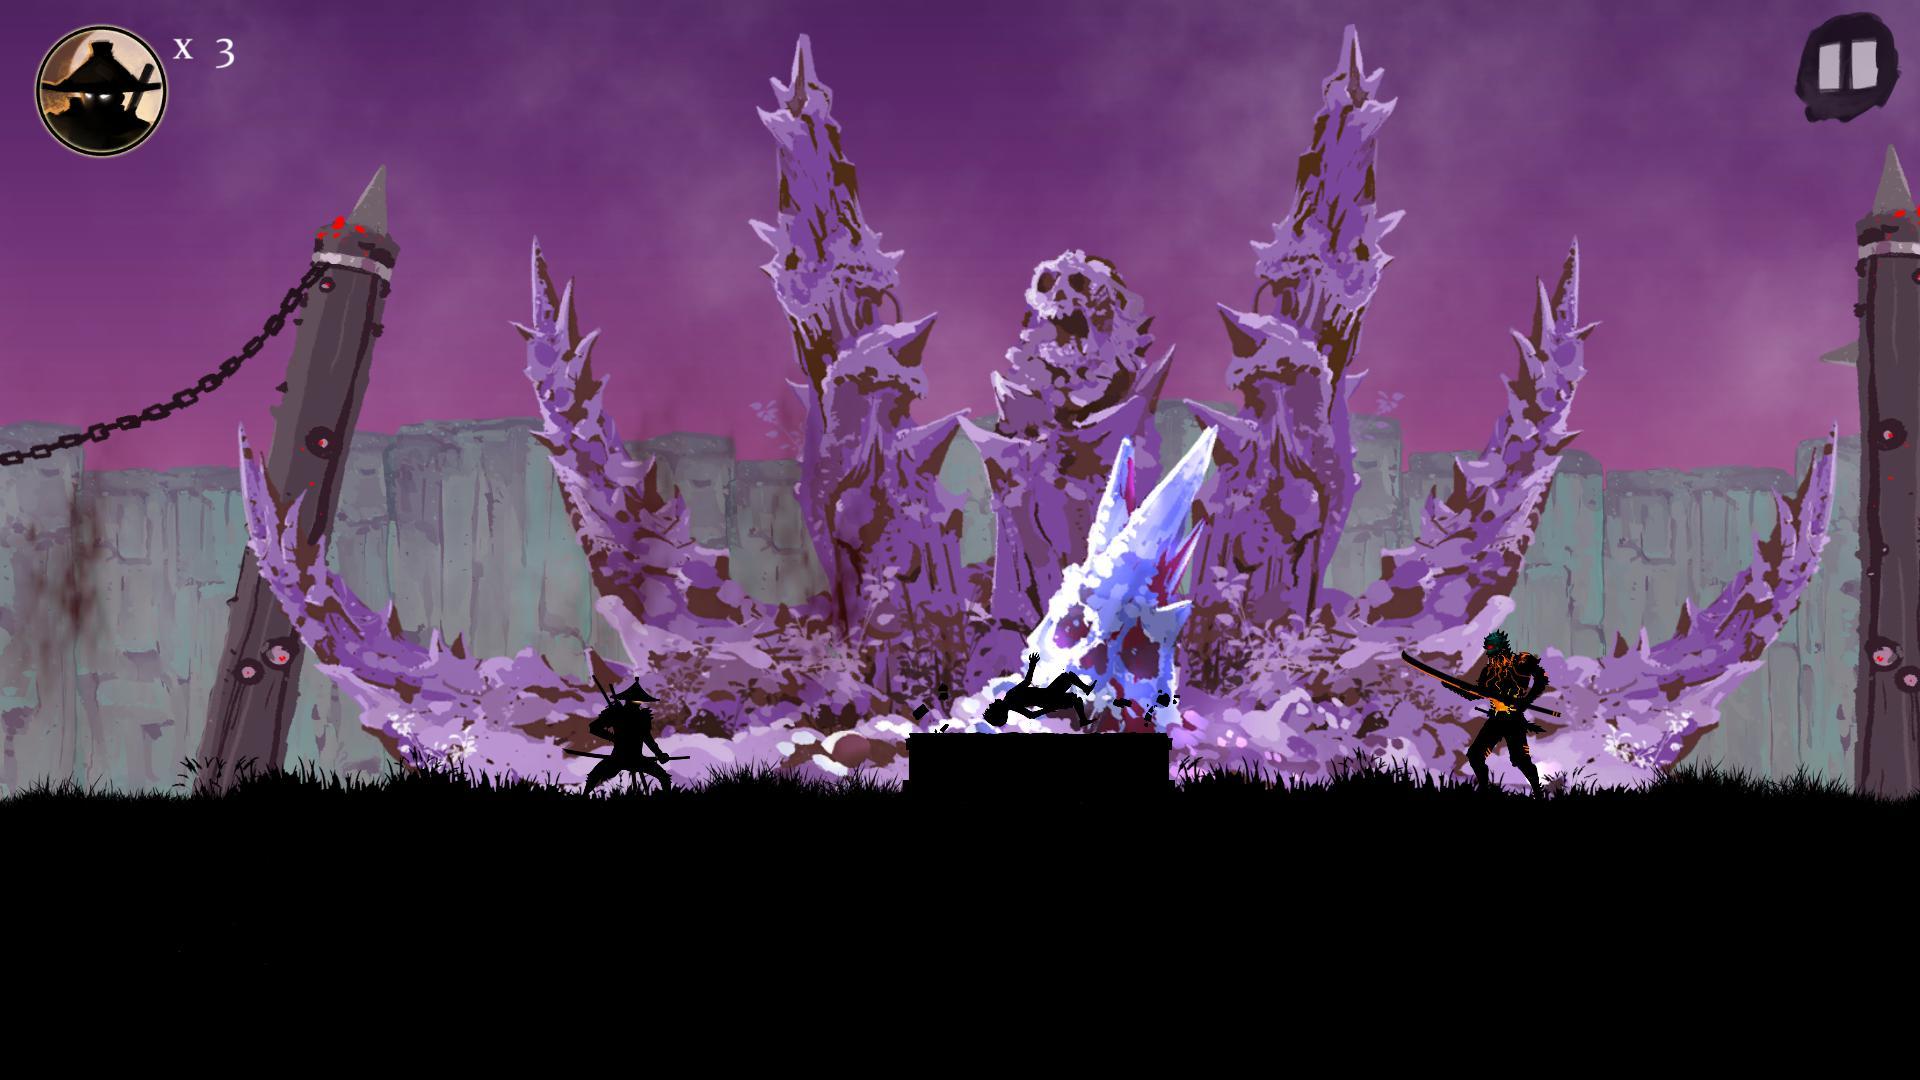 忍者:岚 游戏截图2